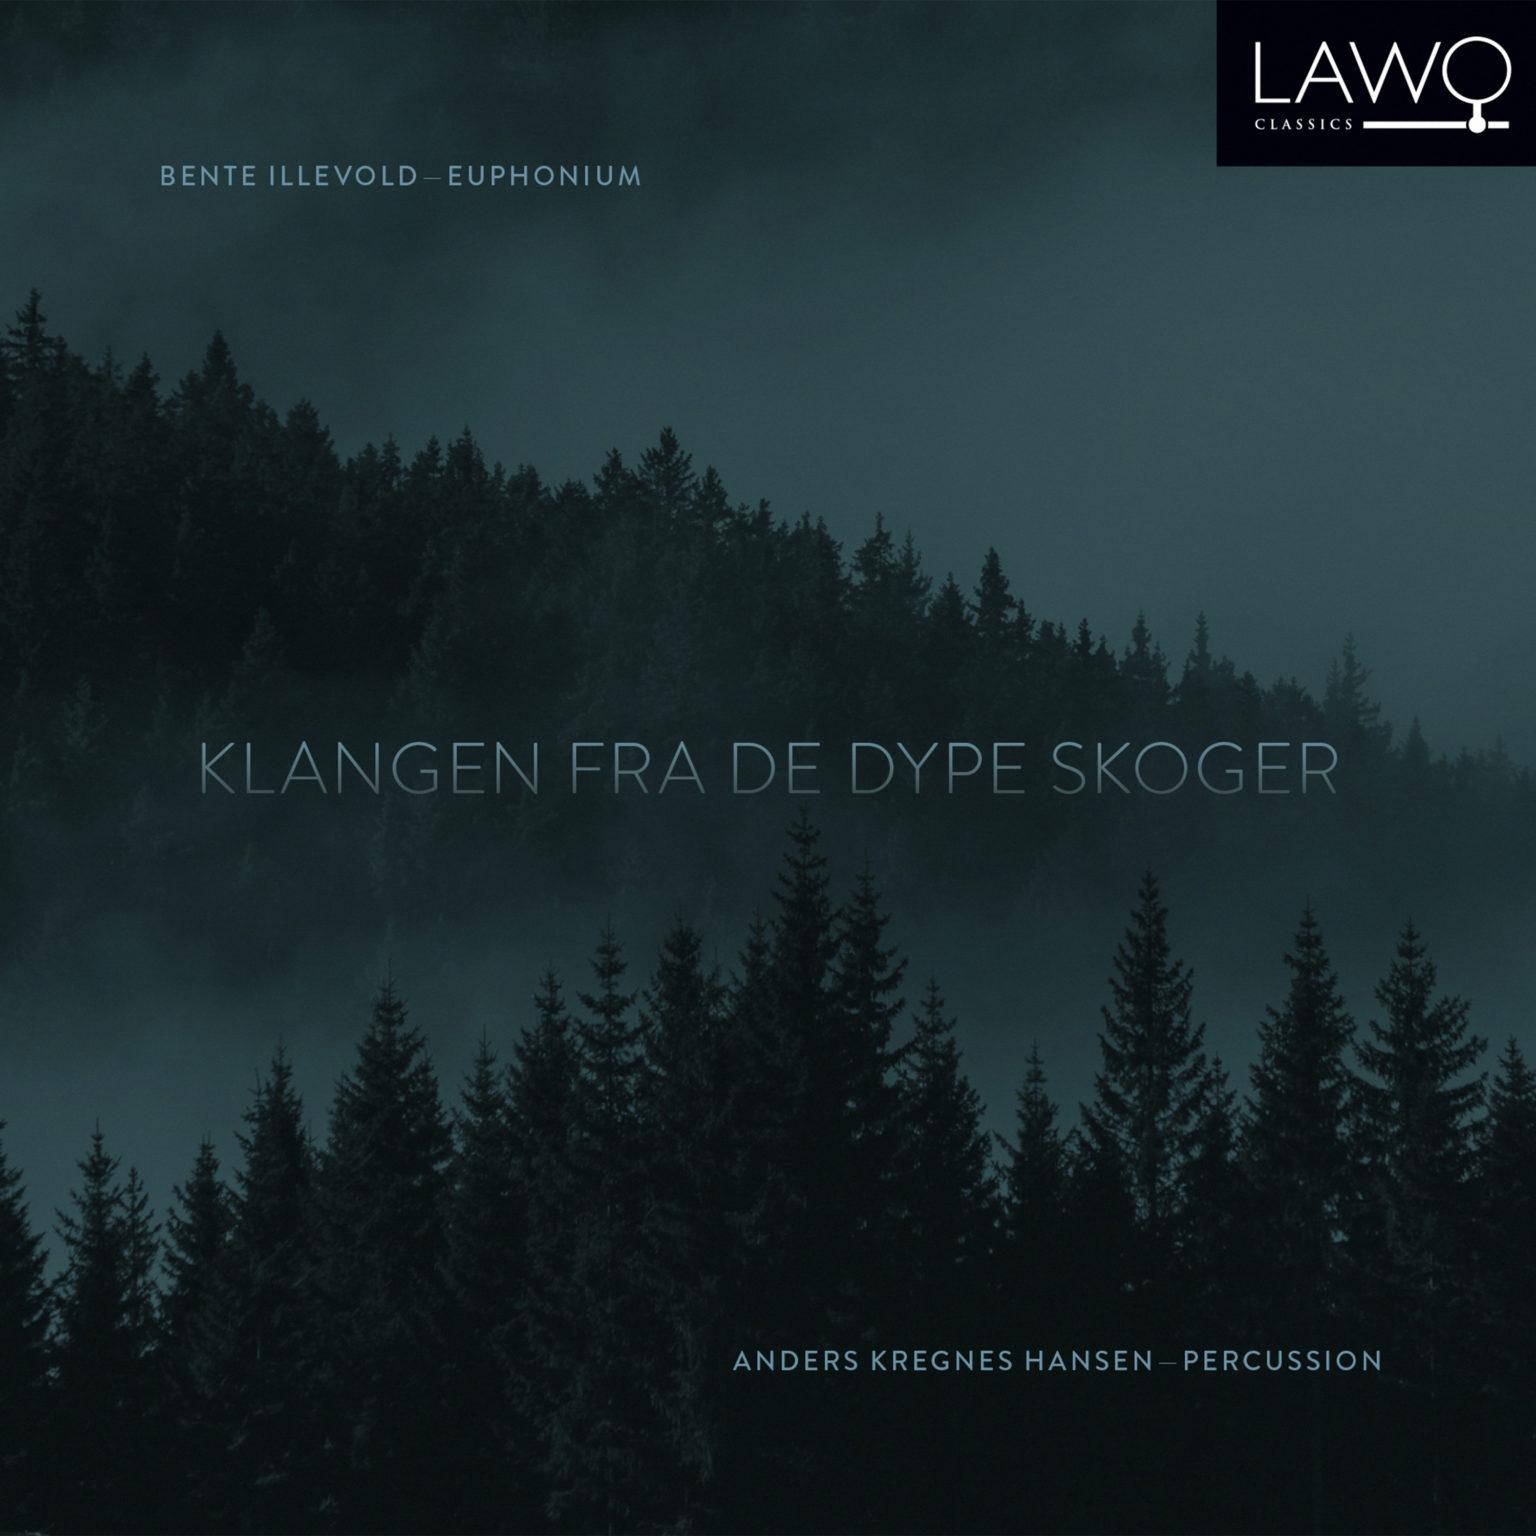 Click image for larger version.  Name:LWC1195_Bente_Illevold_Klangen_fra_de_dype_skoger_cover_3000x3000px-1536x1536.jpg Views:321 Size:174.8 KB ID:7720